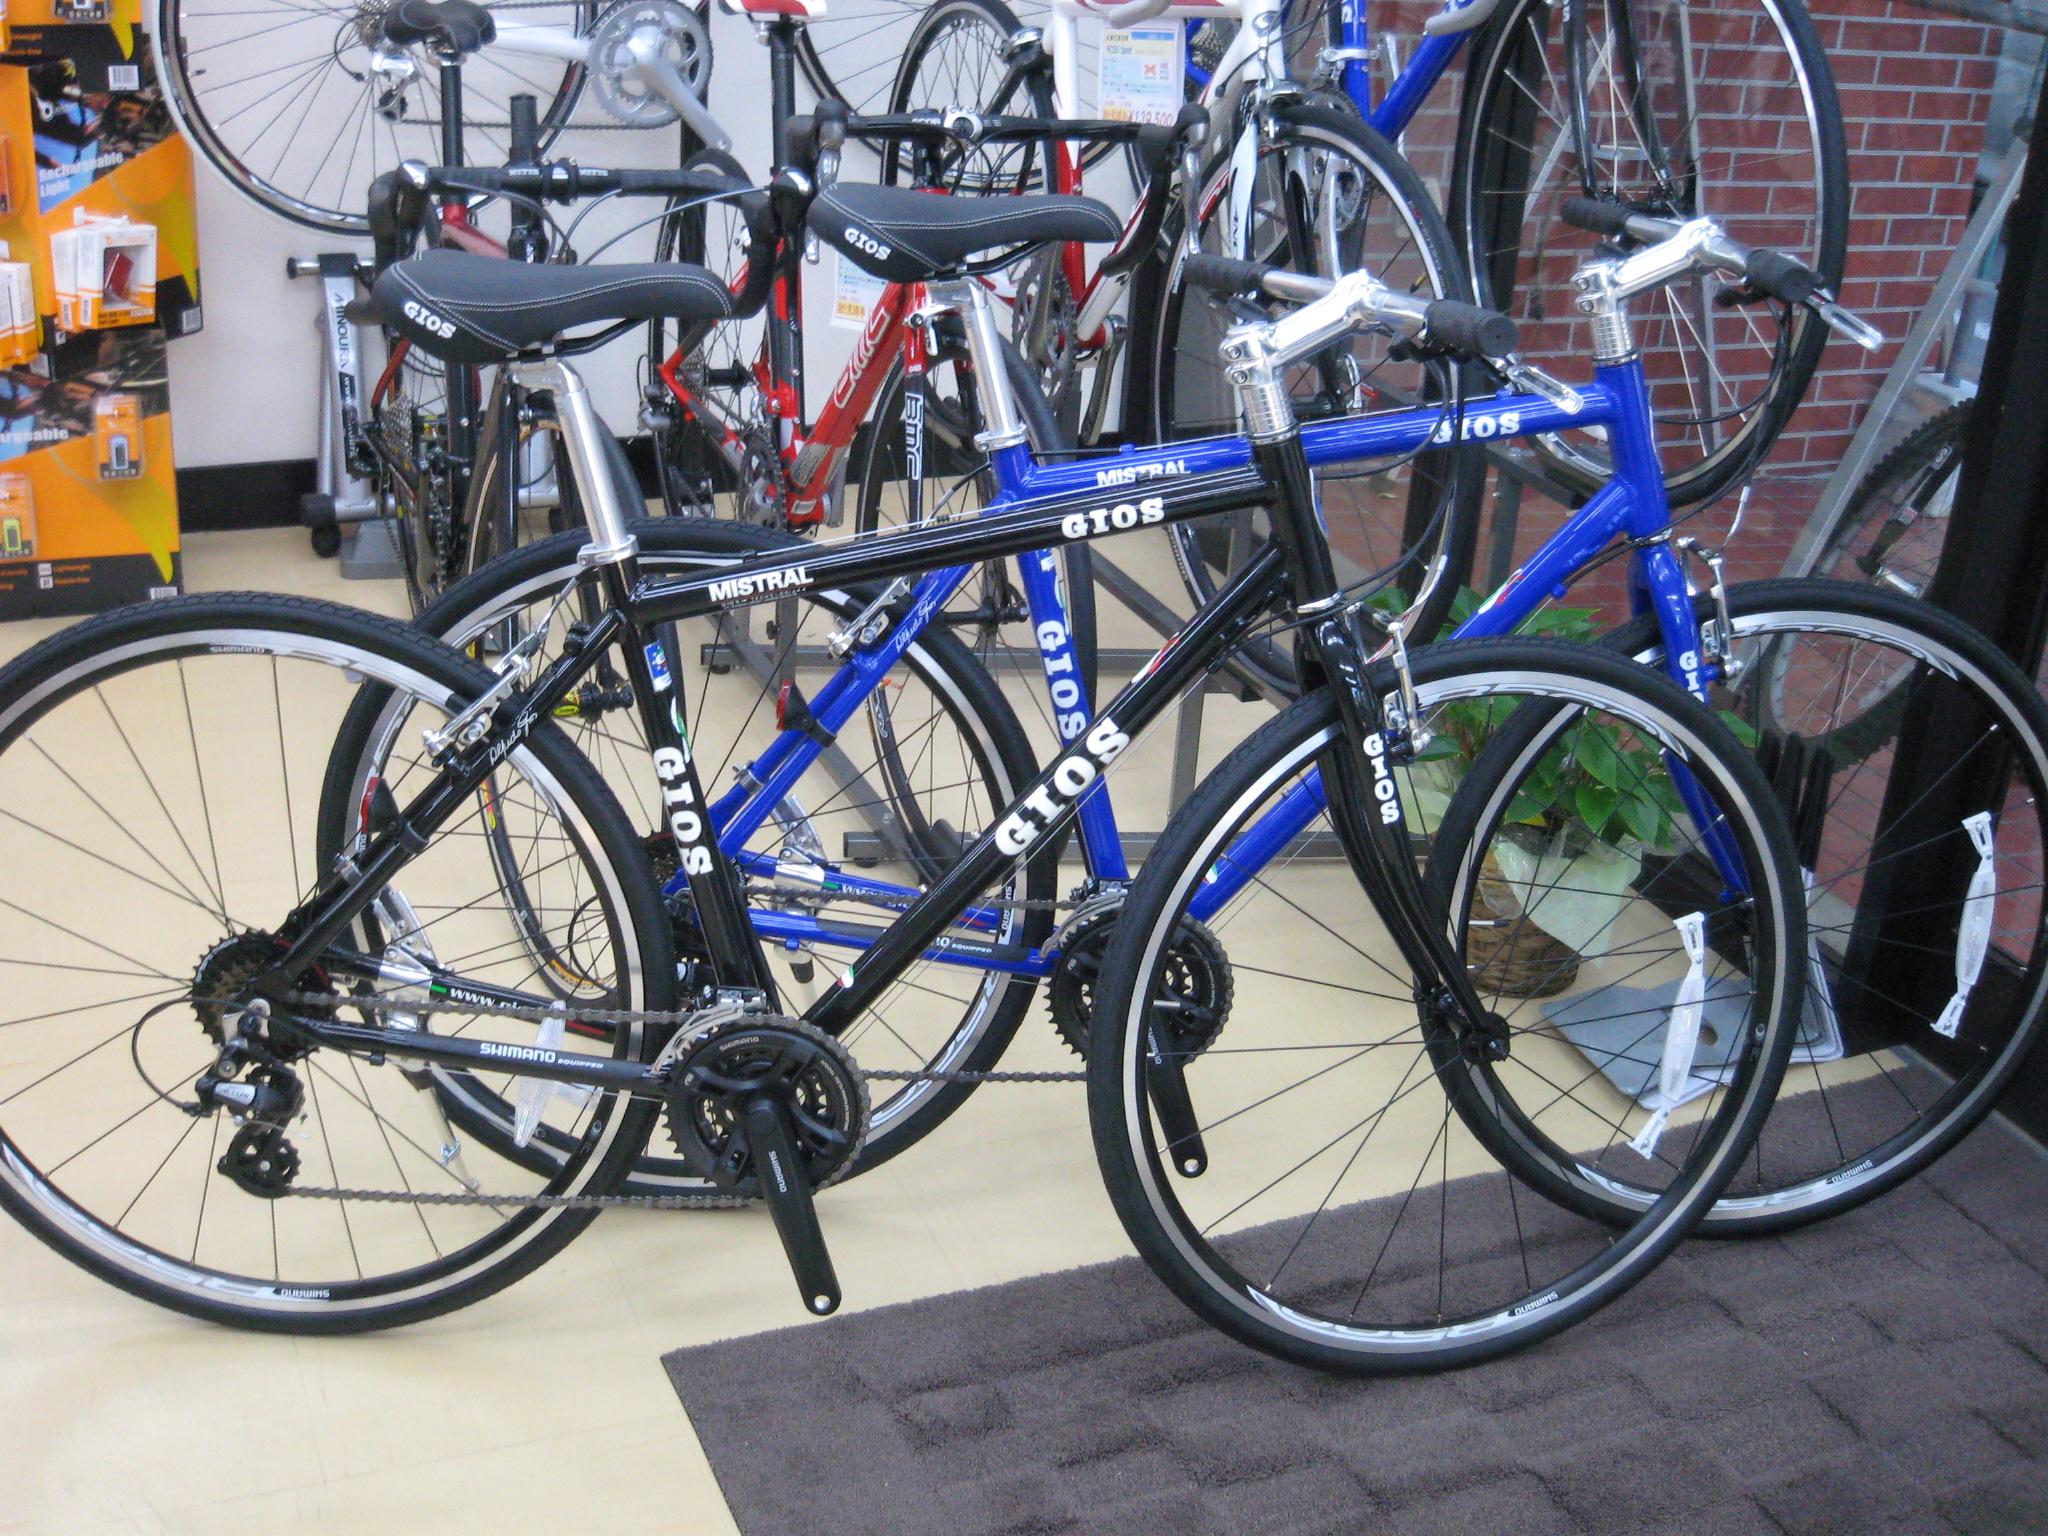 自転車の 自転車 フォーク アルミ クロモリ : GIOS MISTRALの2011年モデルが入荷 ...